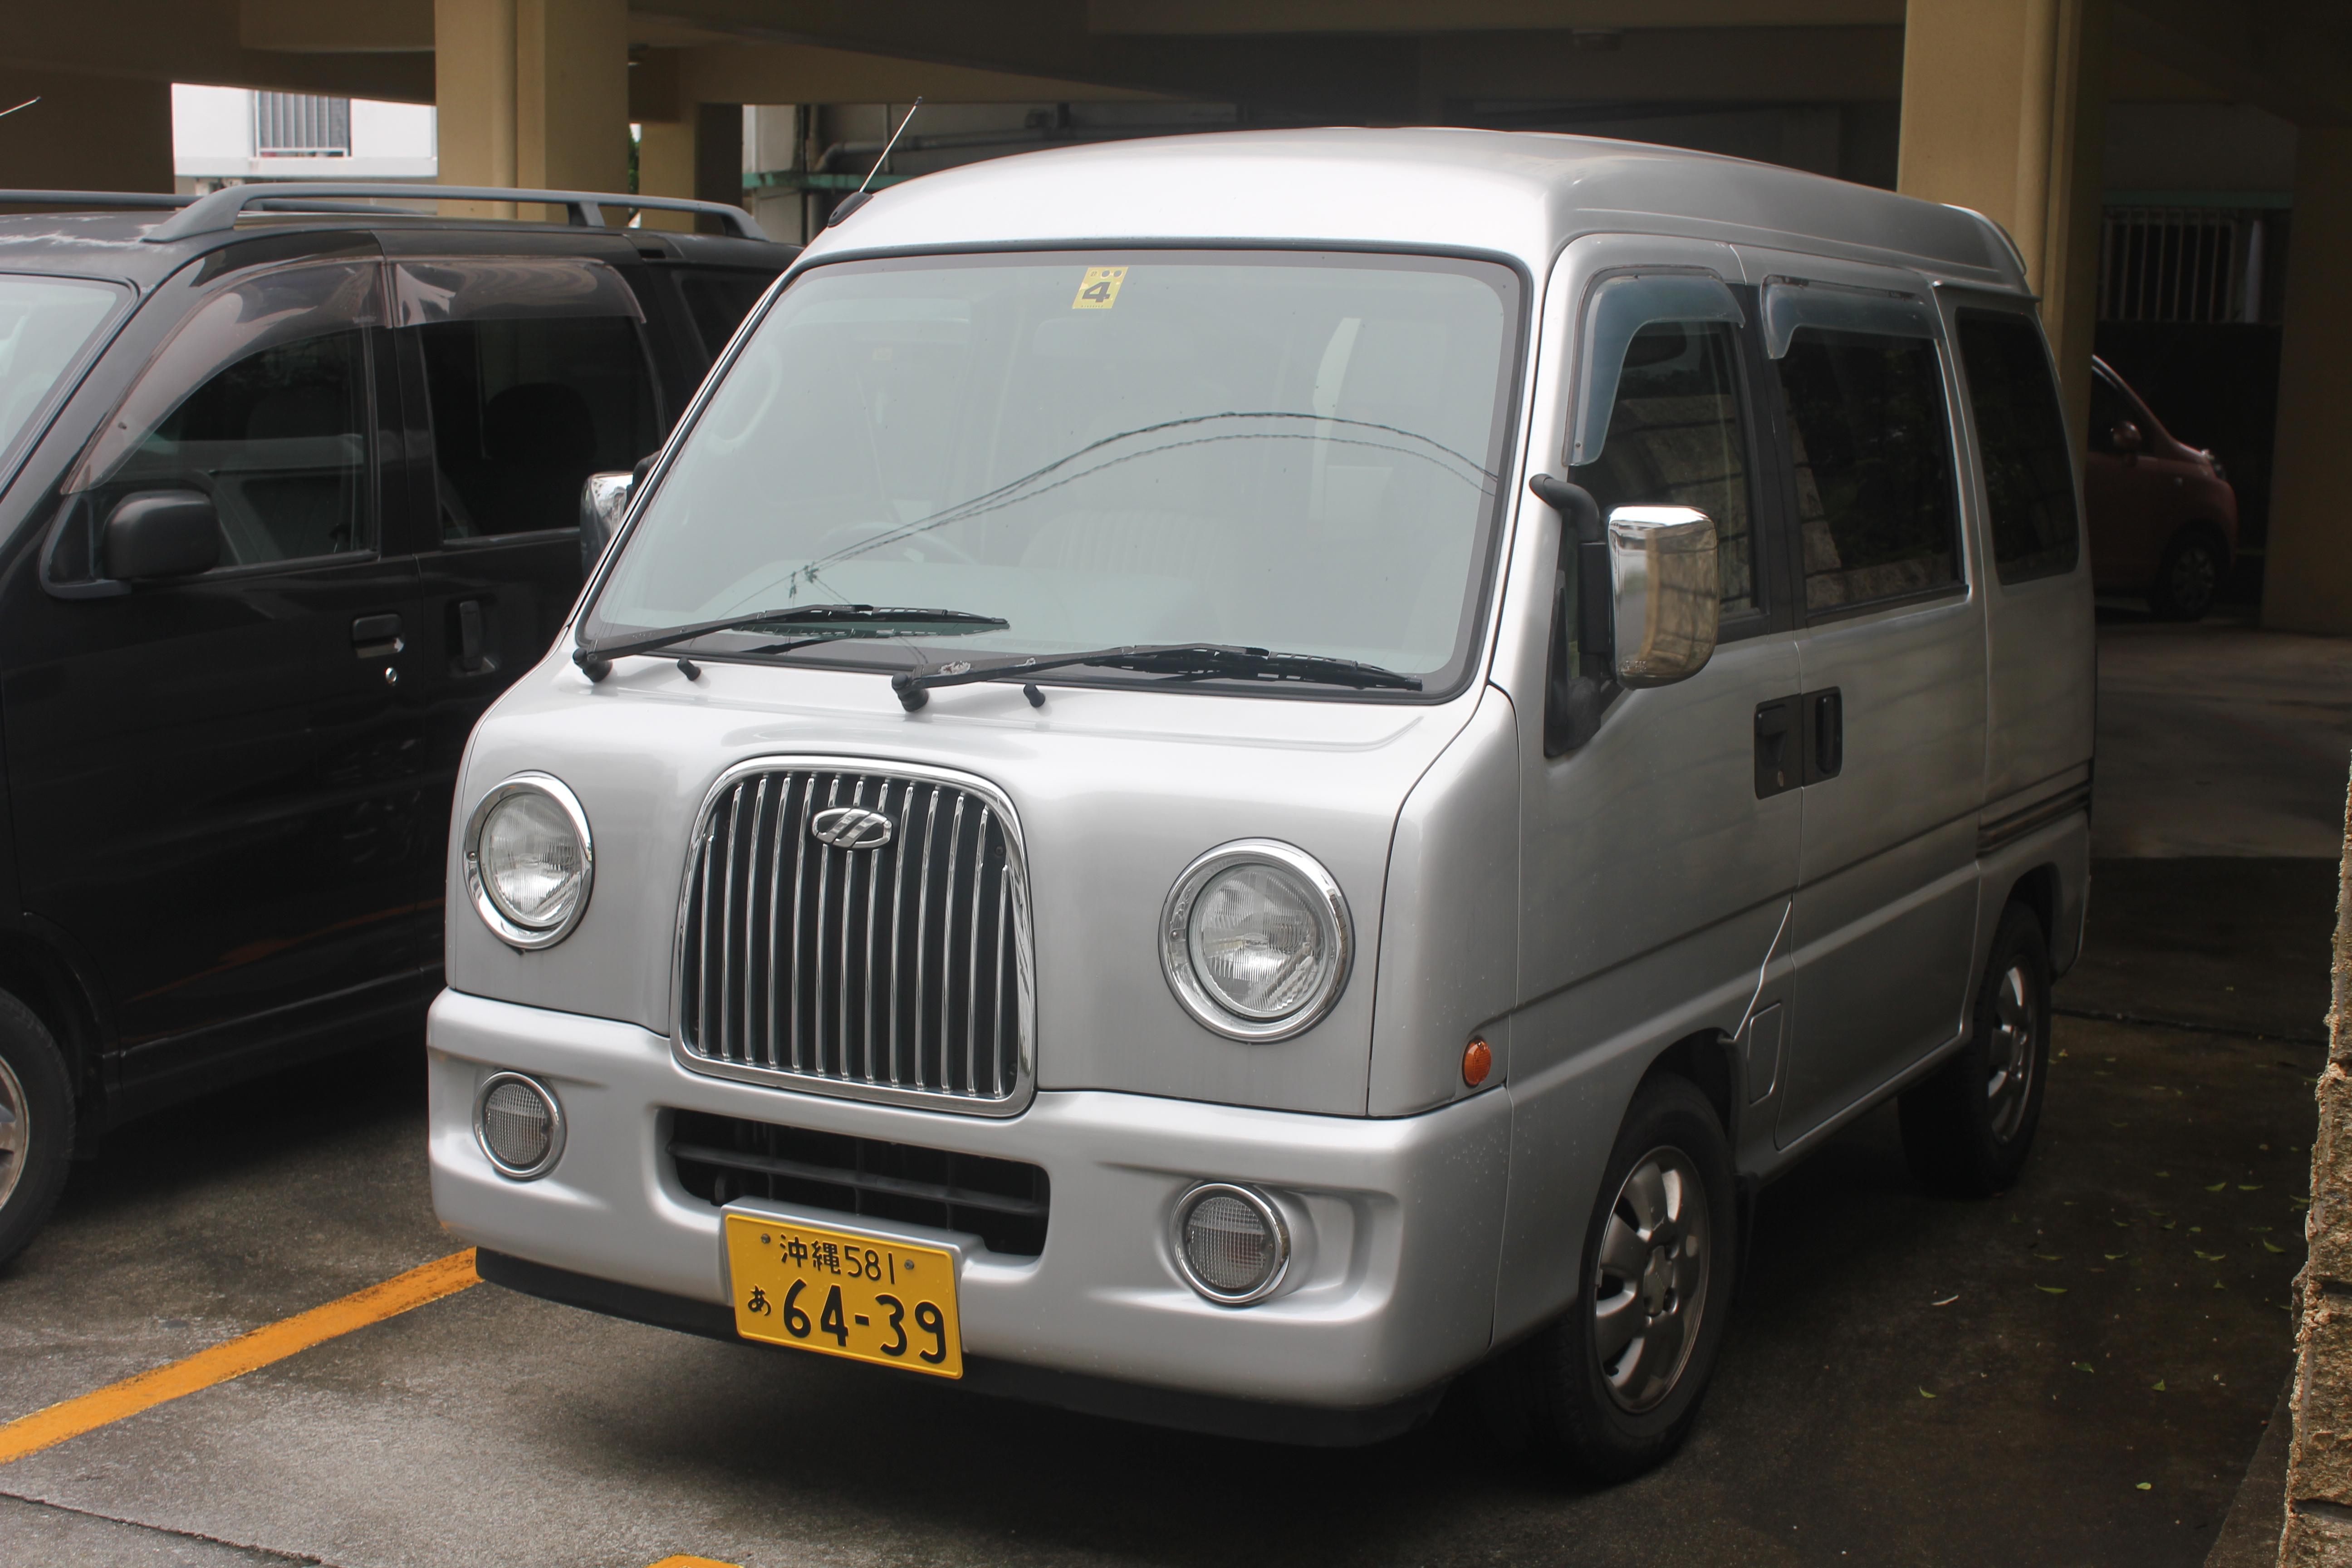 Okinawa Theblumesdotcom